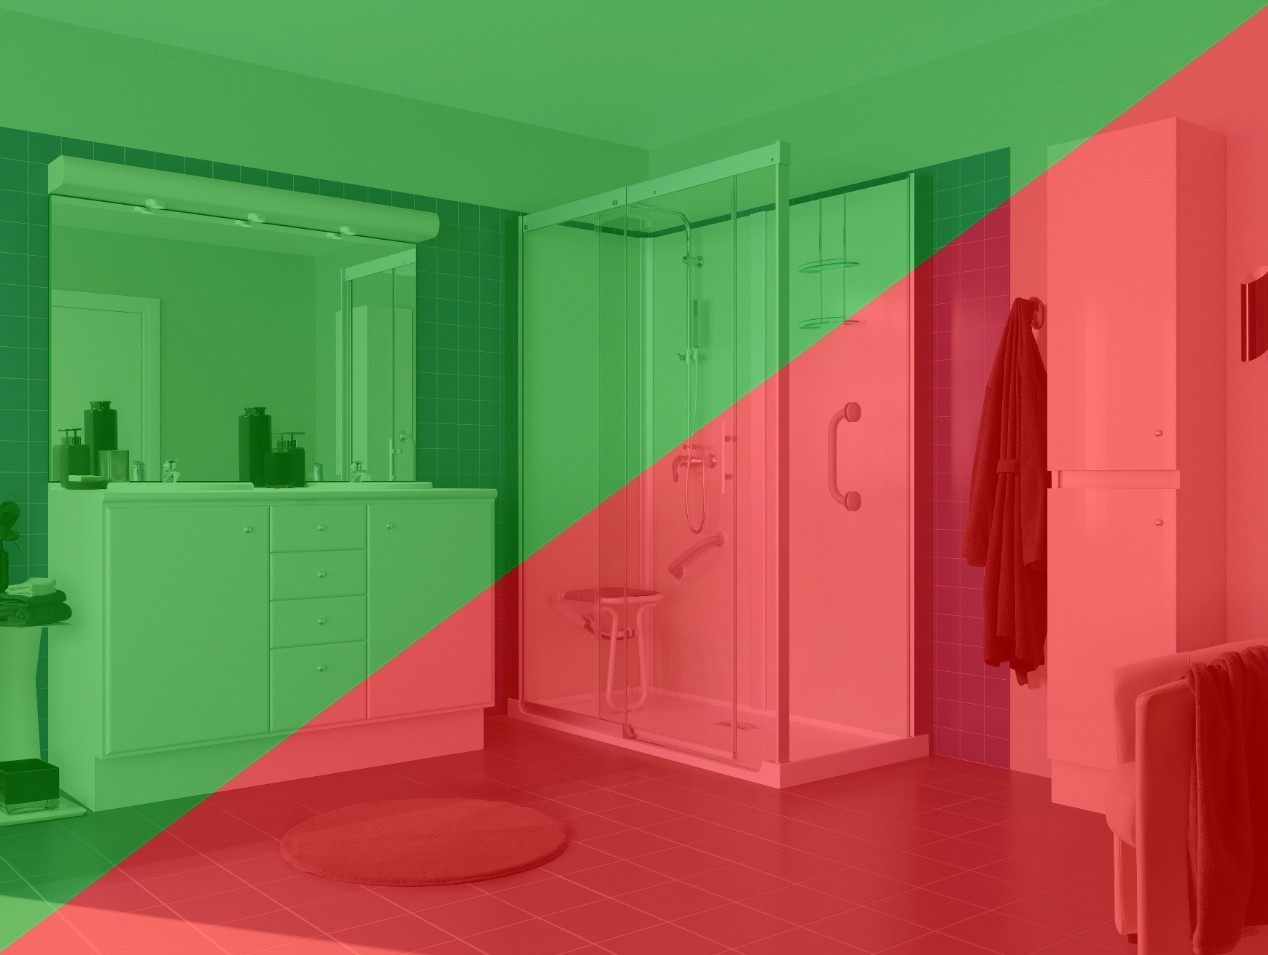 Inloopdouche Met Tegels : De voordelen van een inloopdouche en vooruit ook nadelen